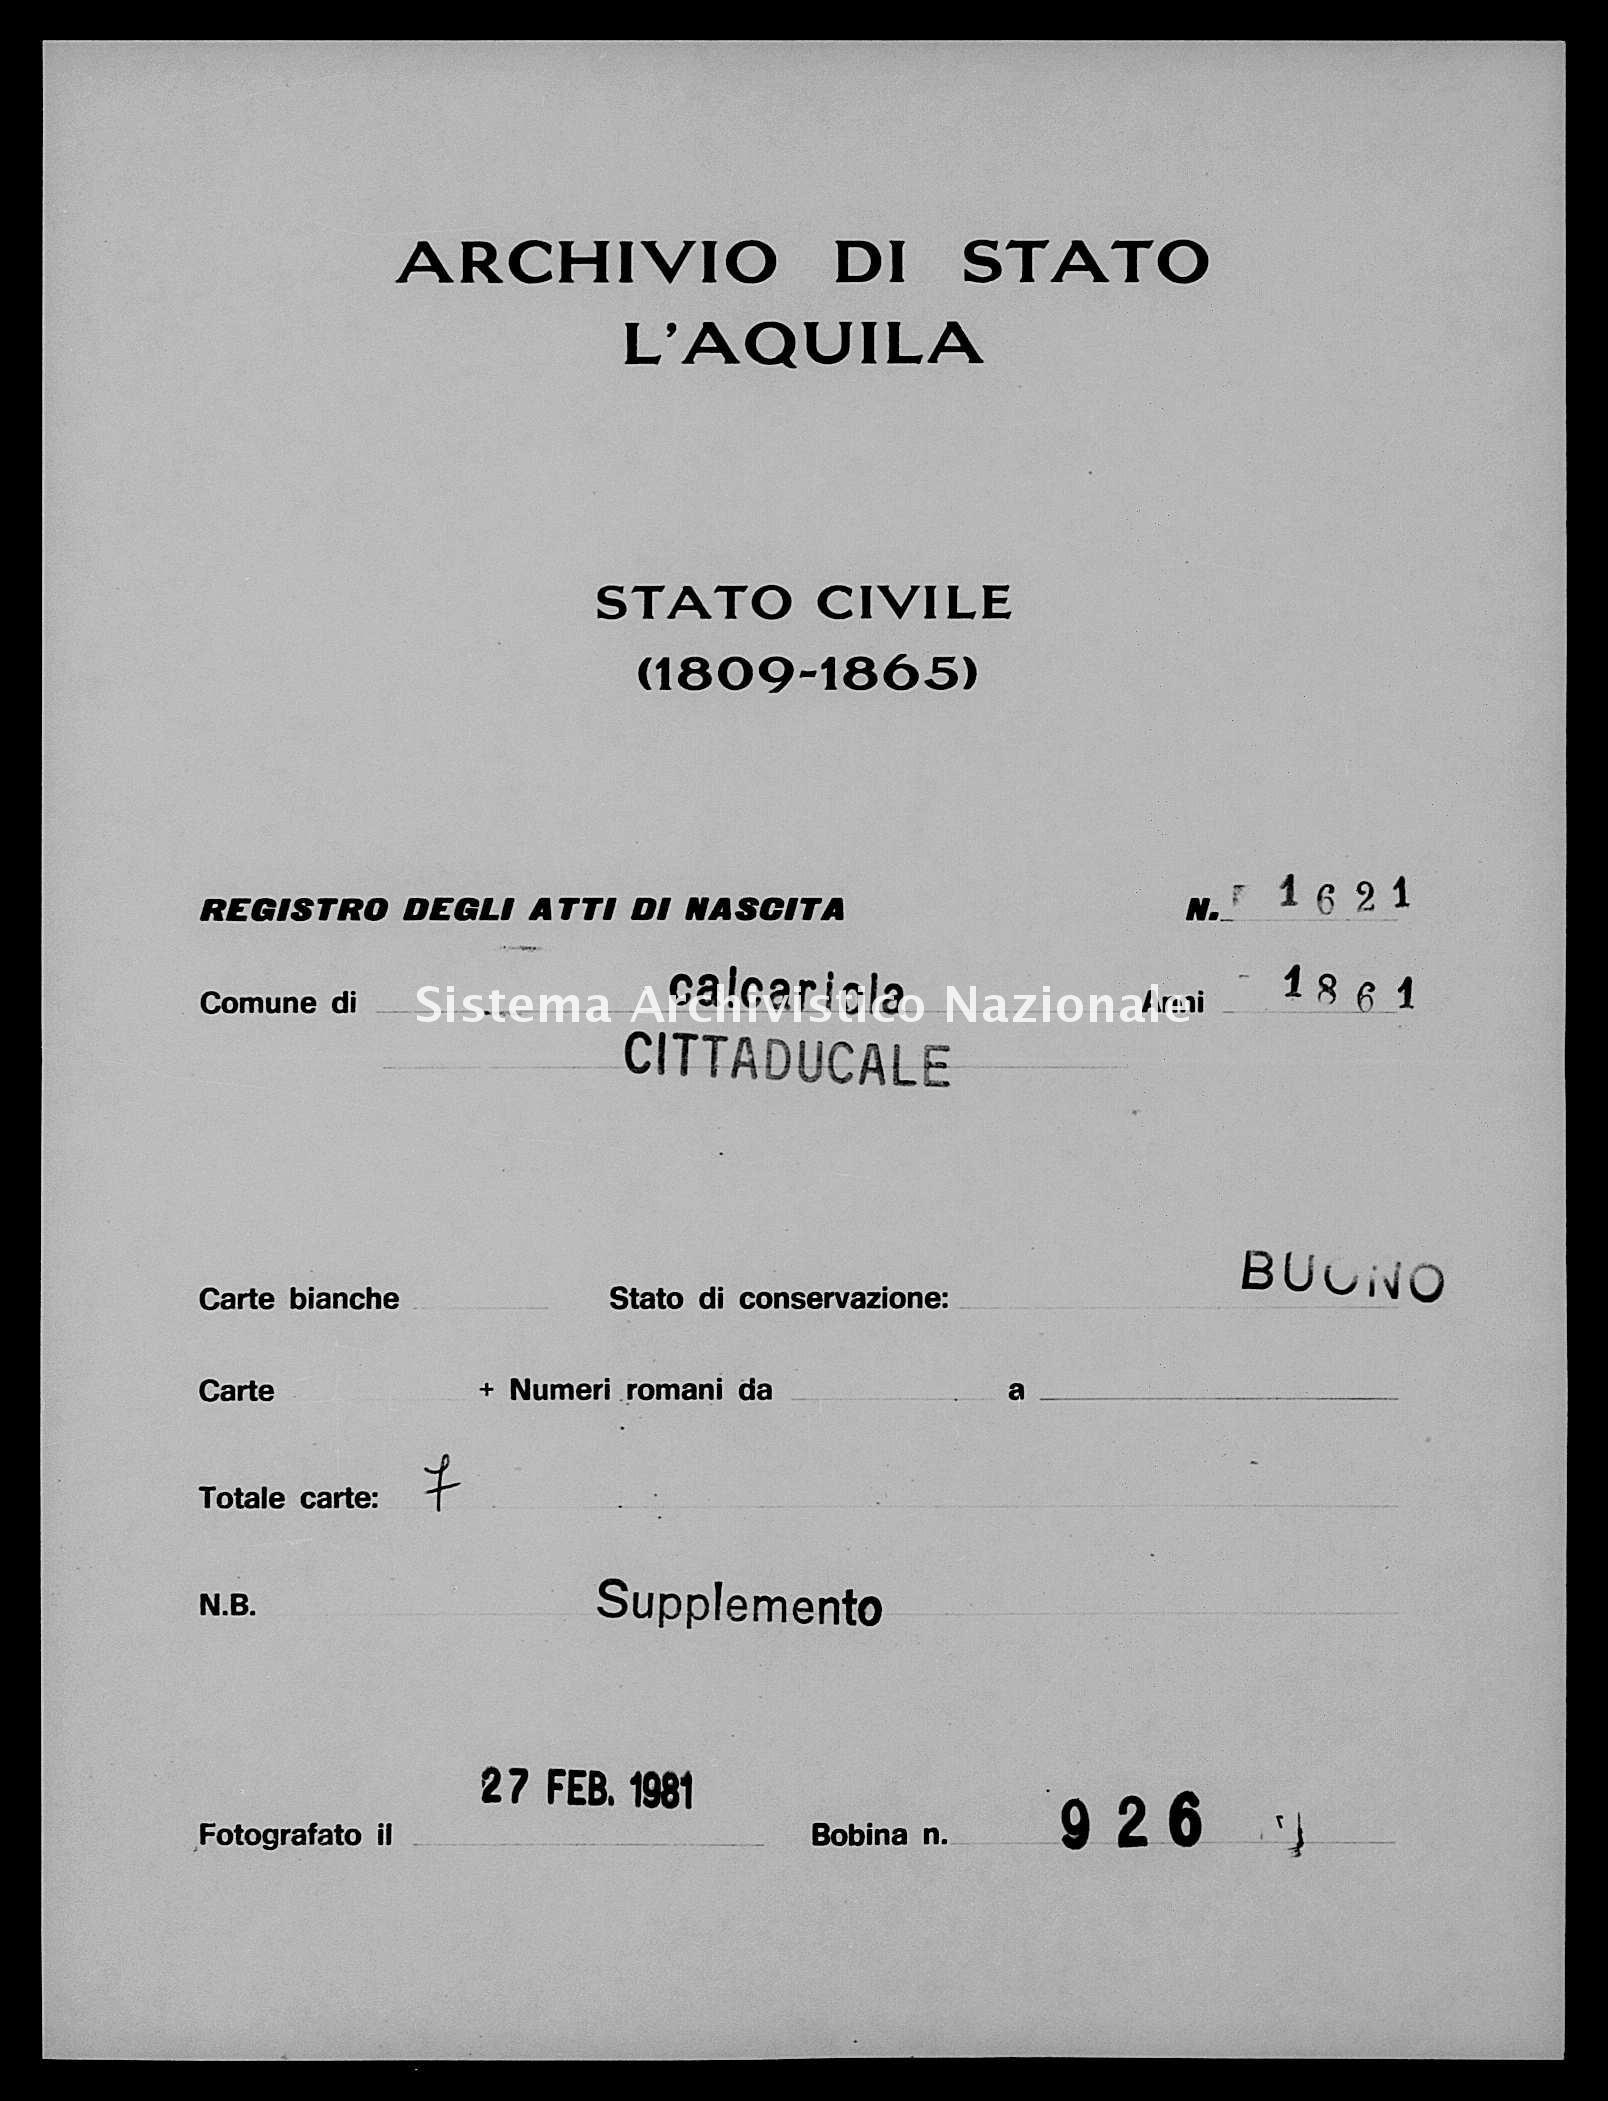 Archivio di stato di L'aquila - Stato civile italiano - Calcariola - Nati, battesimi - 1861 - 1621 -